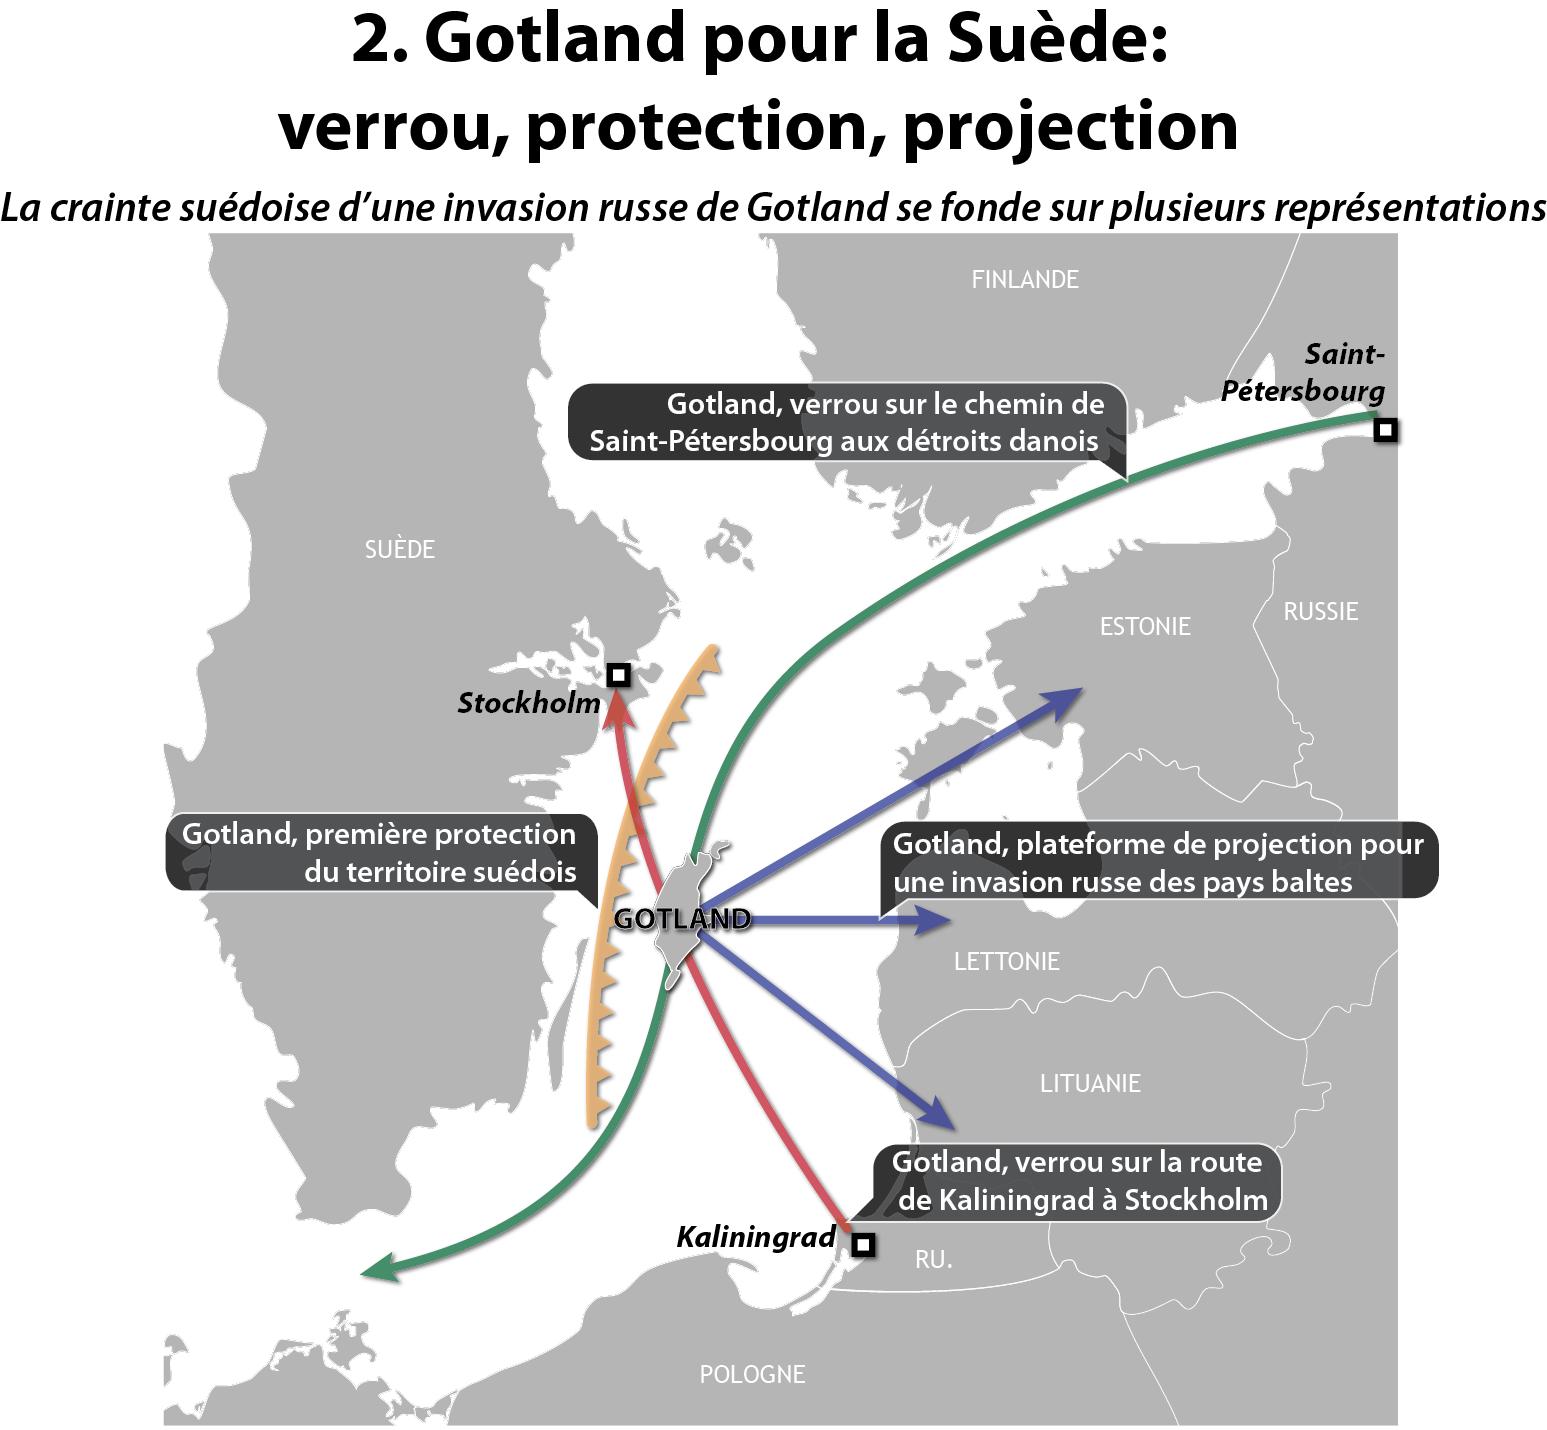 gotland-schema-strategique